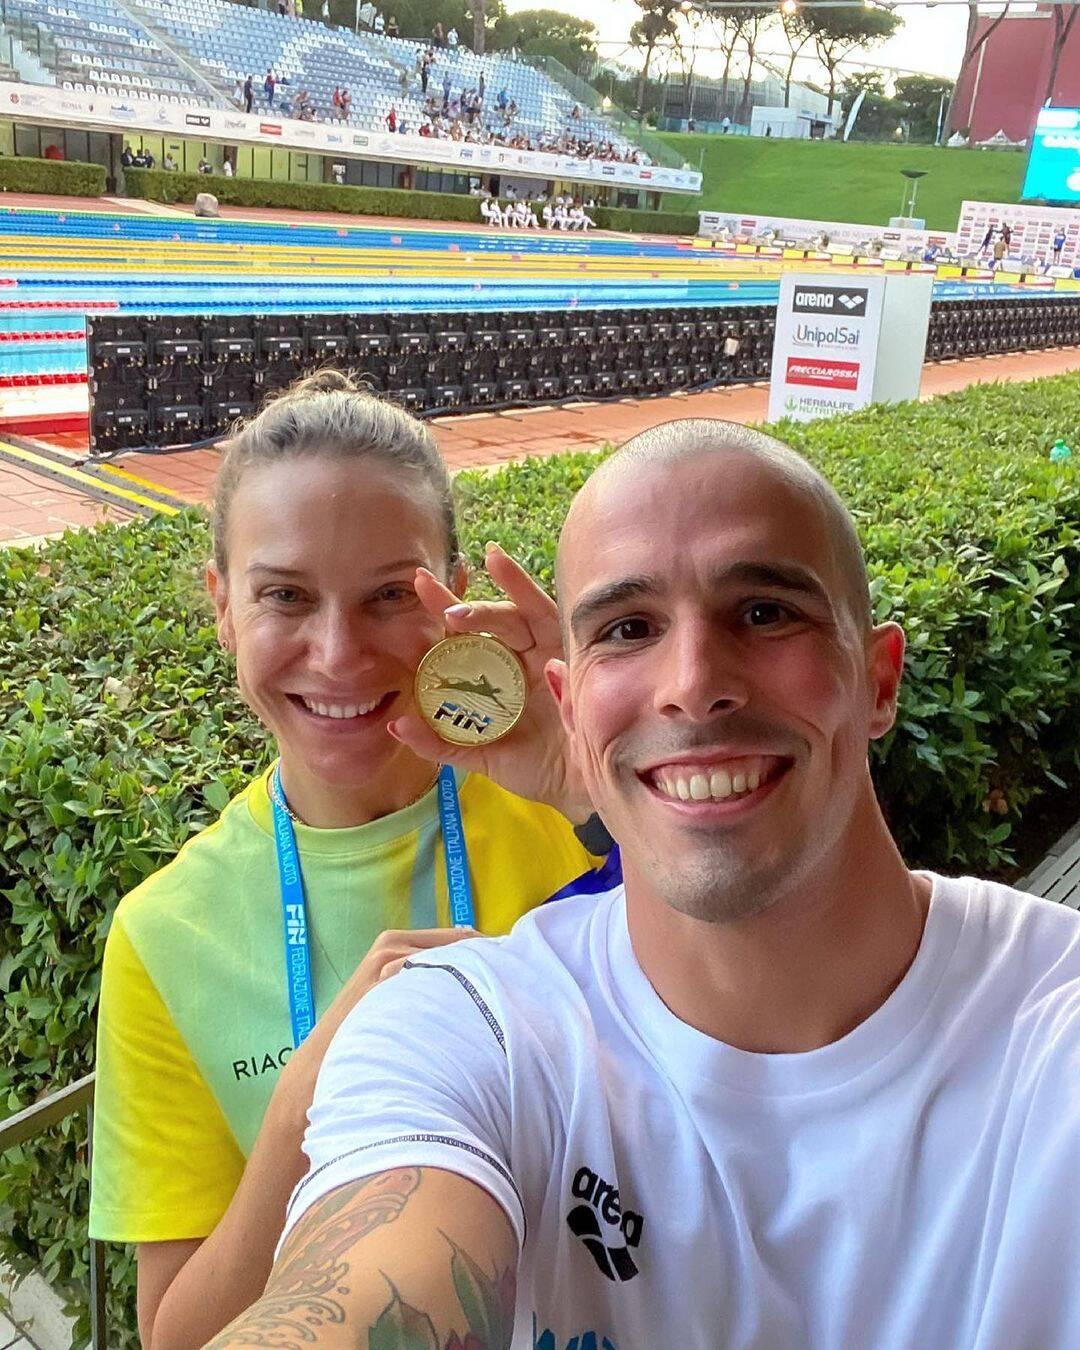 Bruno Fratus, ganhou sua primeira medalha, sendo de bronze, na natação, nos 50 metros livre (Foto: Instagram)